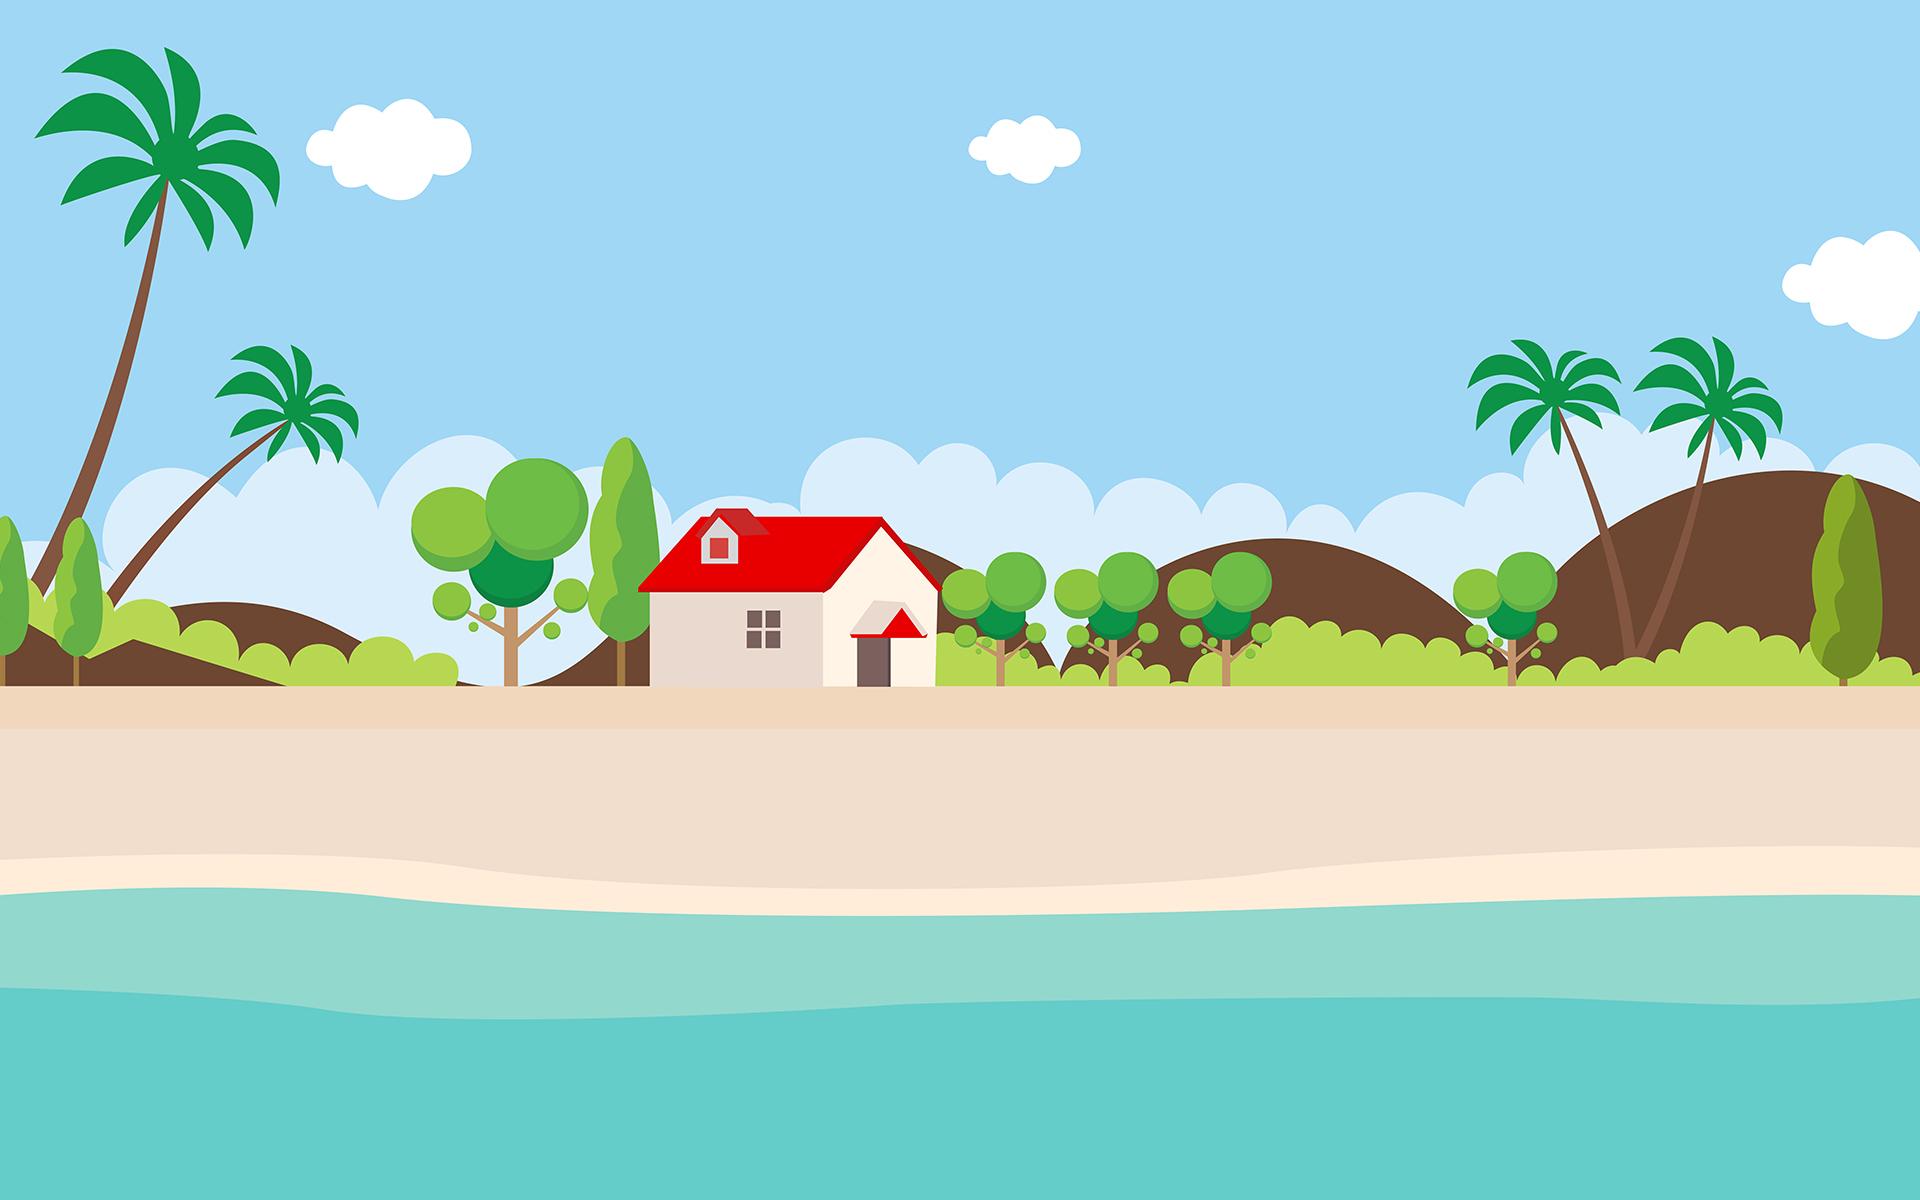 Landscape Illustration Vector Free: Landscape Flat Design Vector Illustration #68700